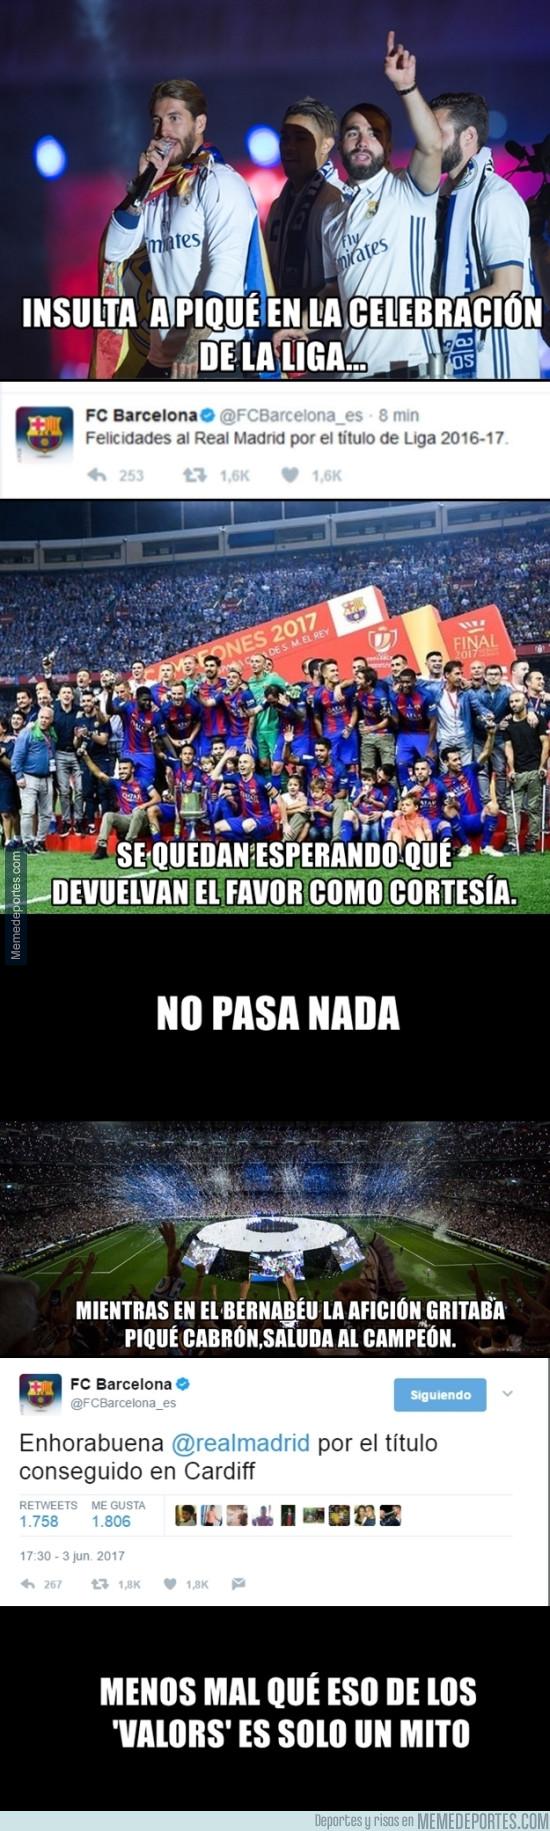 979765 - Felicidades al Madrid. Pero la actitud del Barça es para remarcar